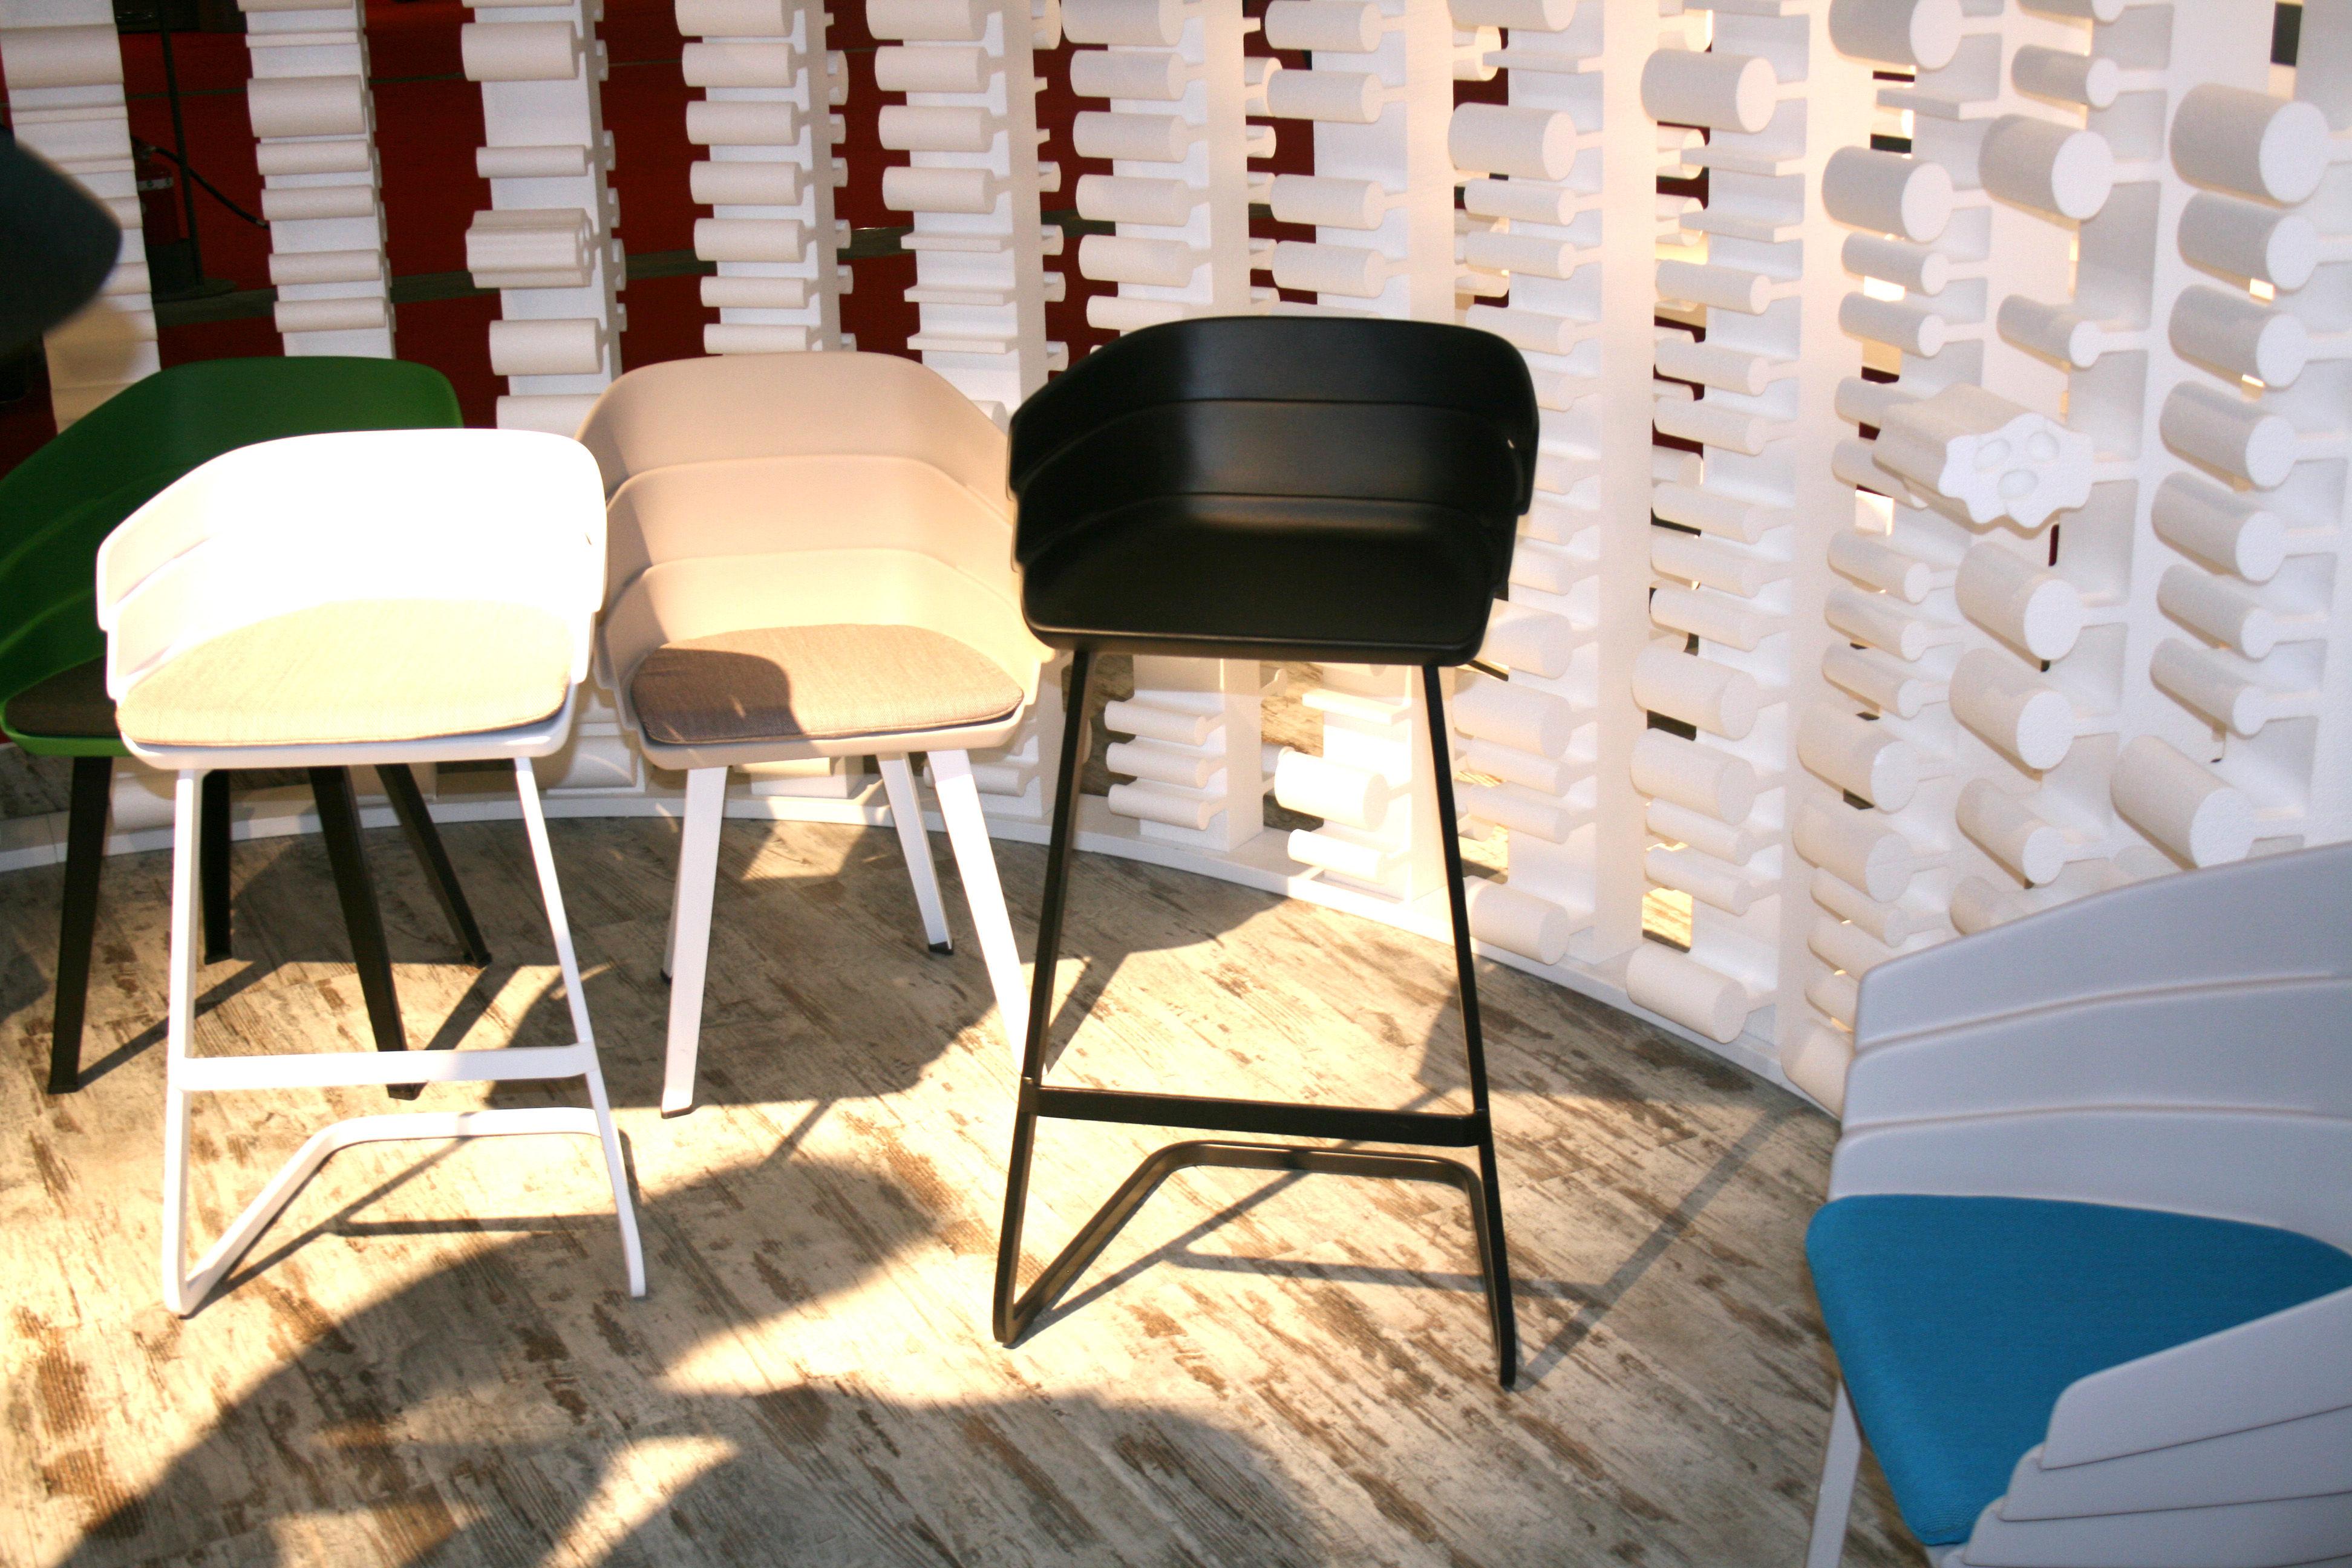 Métal De Rift Plastiqueamp; Pied Cm H Chaise Bar 65 Moroso Coque 2DWEH9I